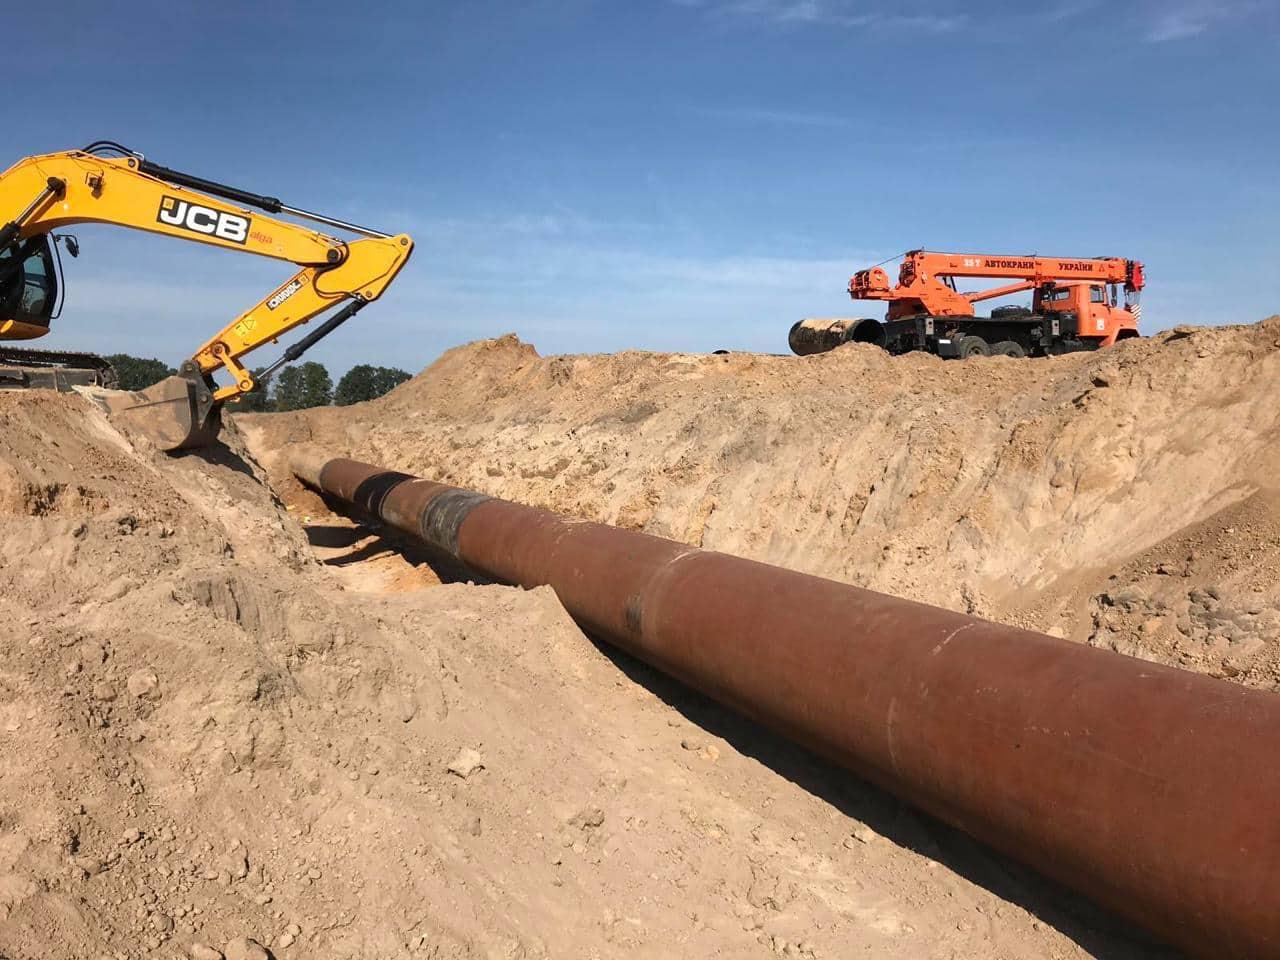 На ділянці газопроводу, де сталася розгерметизація, відновлено транспортування газу в штатному режимі – ОГТСУ